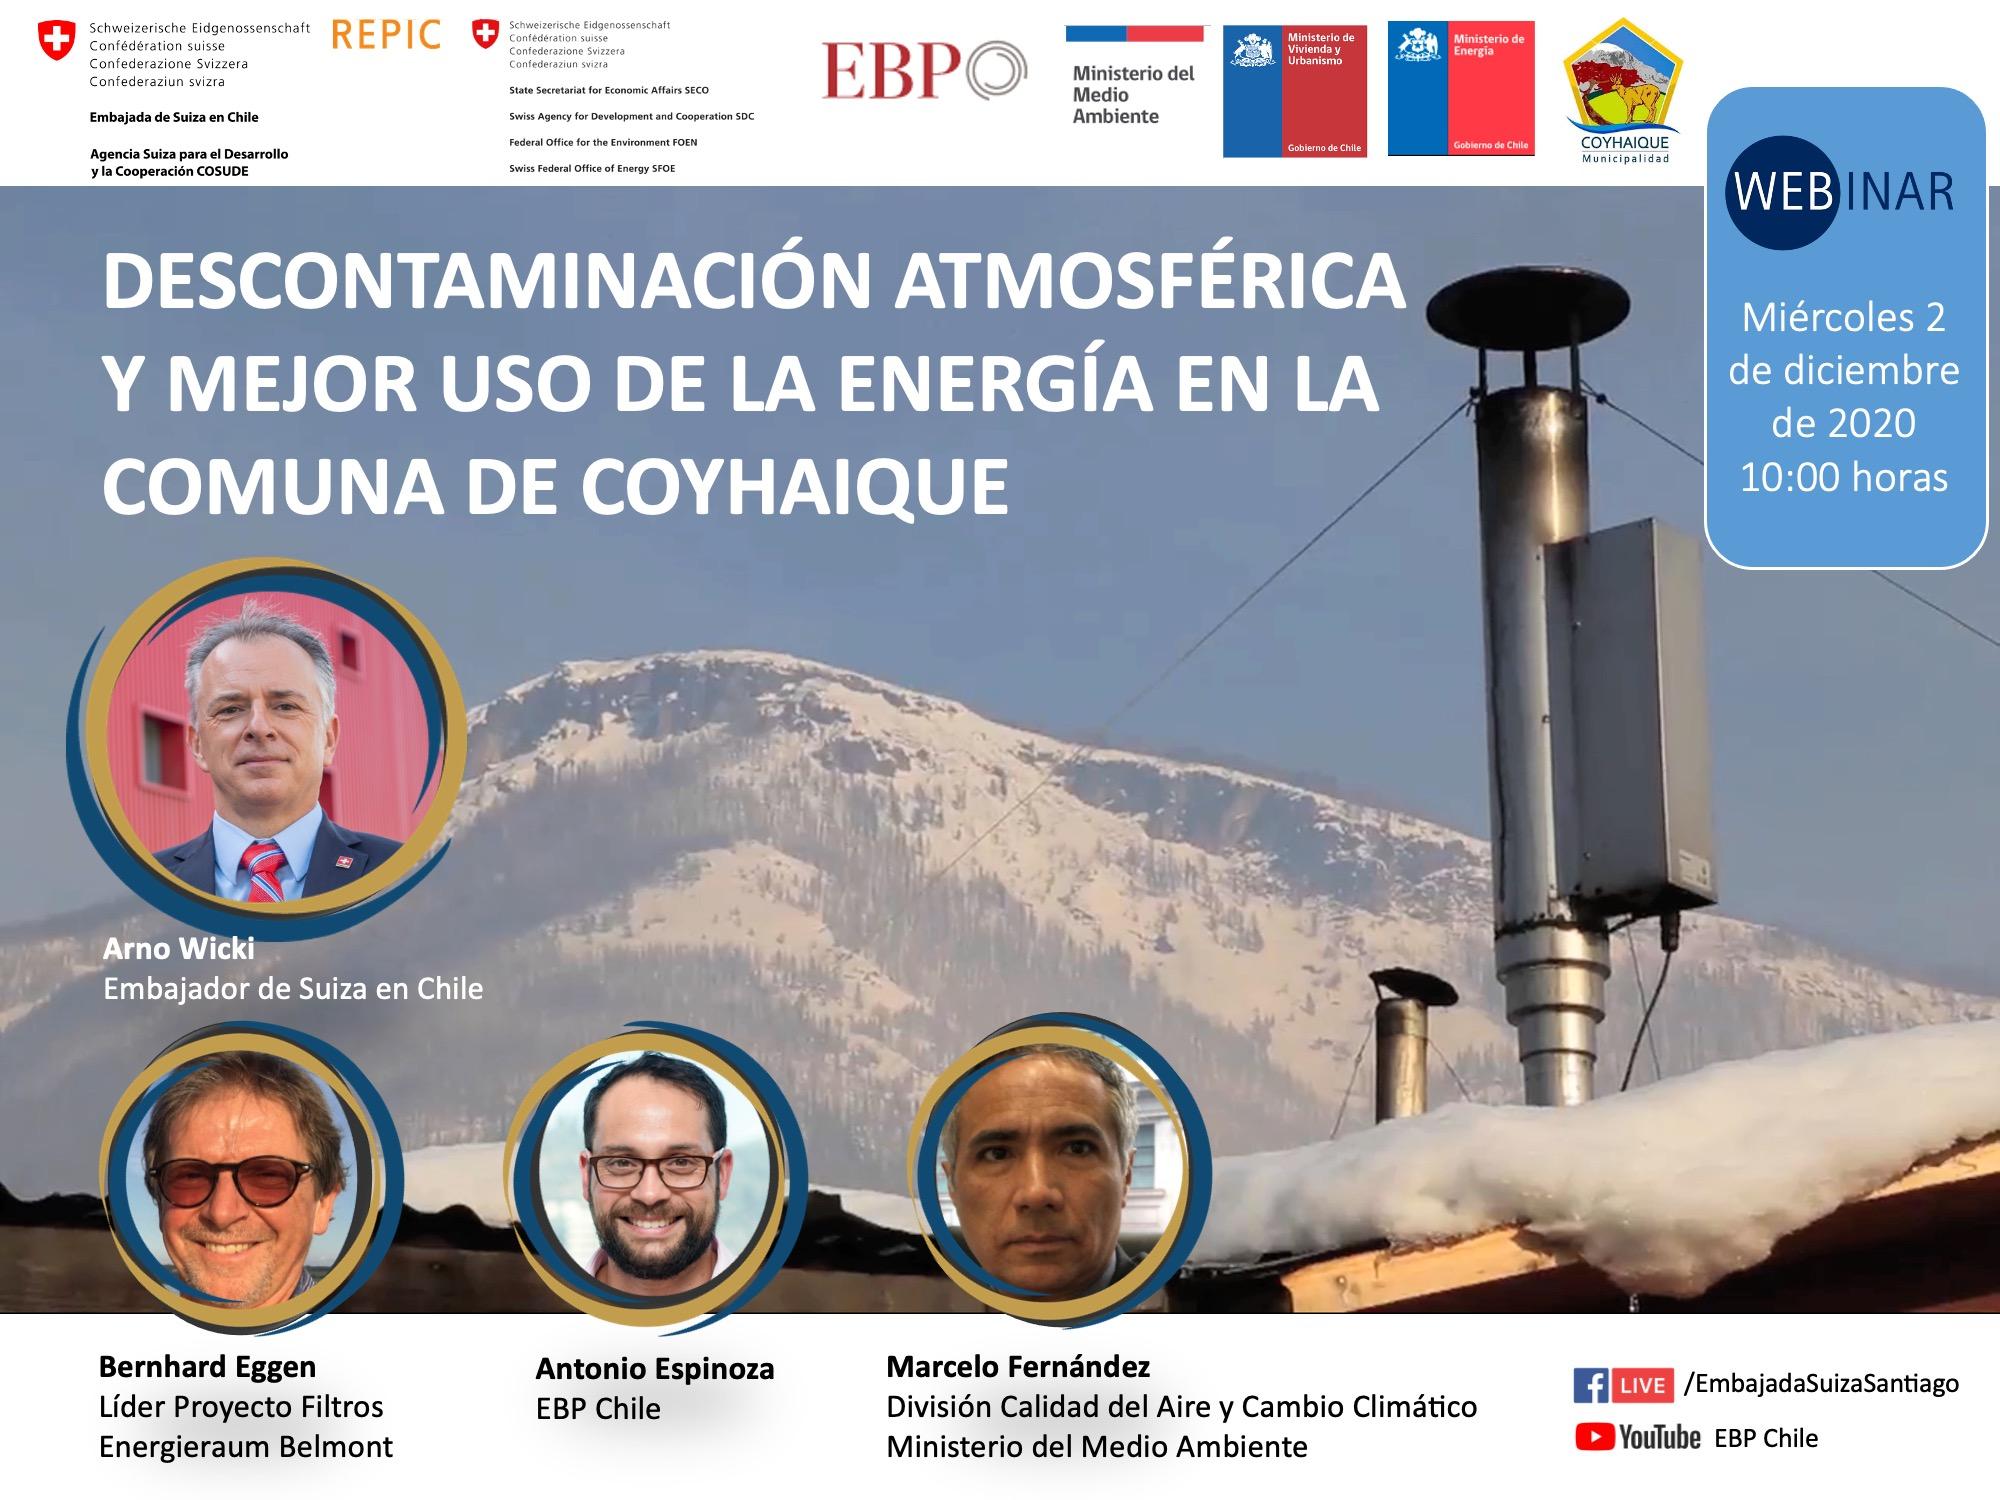 descontaminación atmosférica y mejor uso de la energía en la comuna de Coyhaique